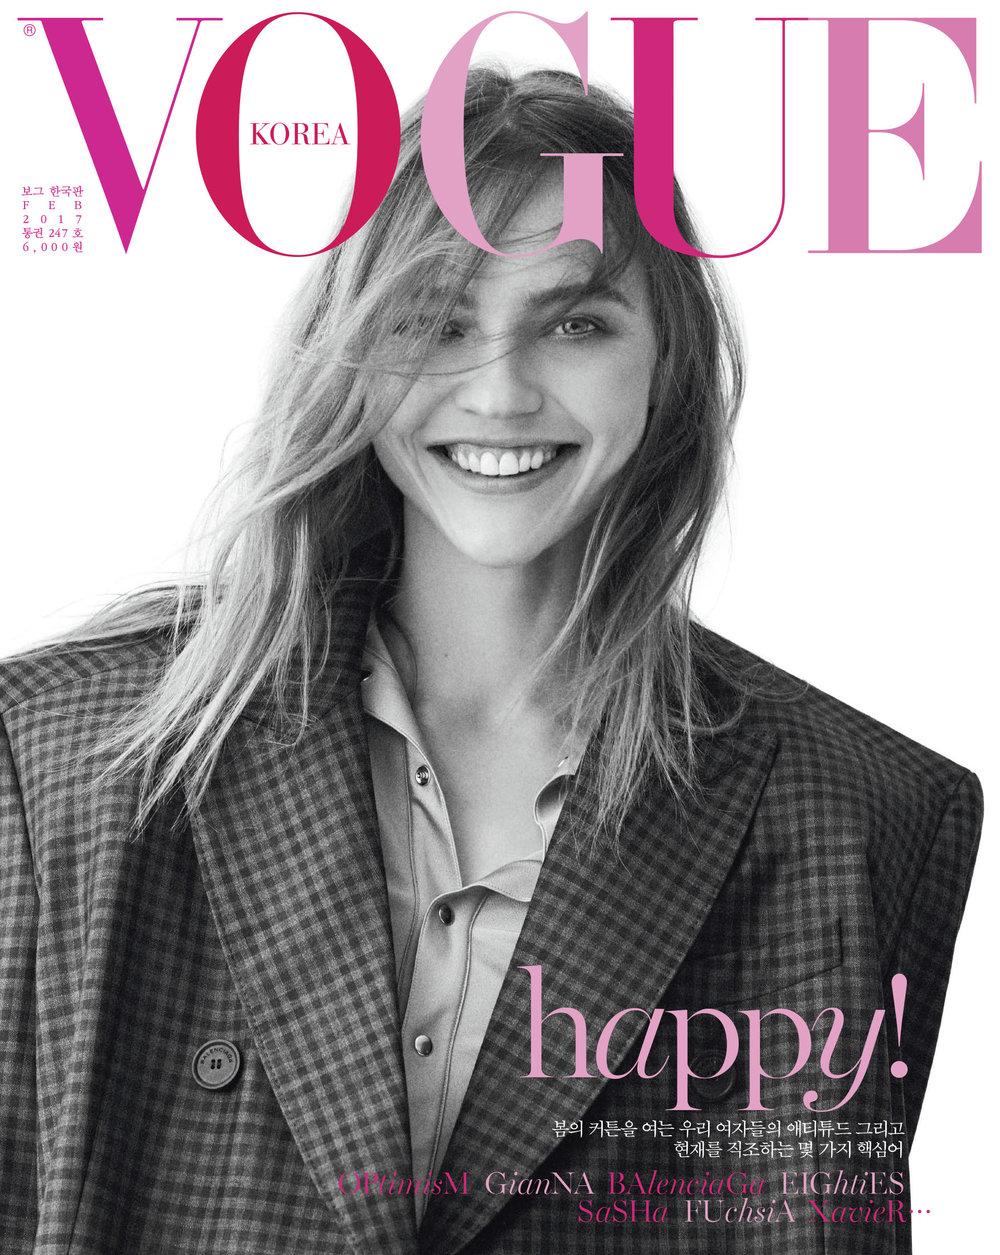 VOGUE_KOREA_FEB_2017_COVER.jpg